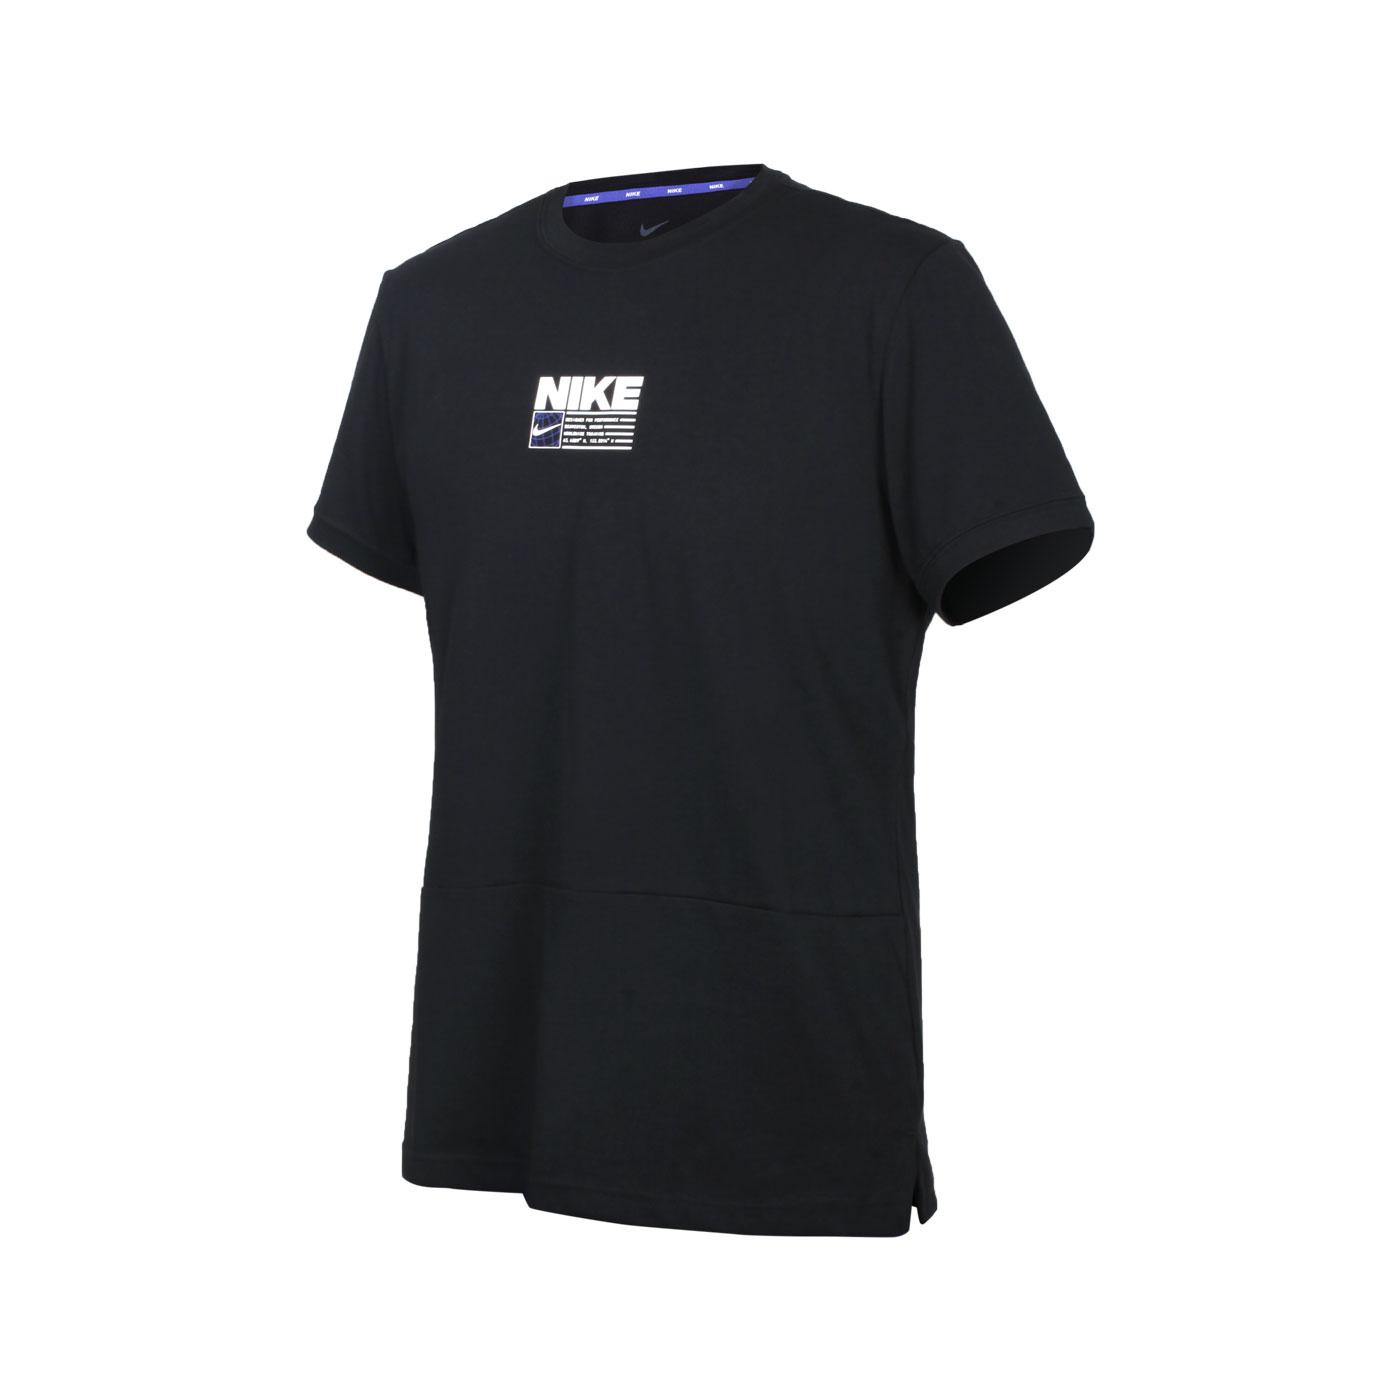 NIKE 男款短袖T恤 CZ2575-010 - 黑白